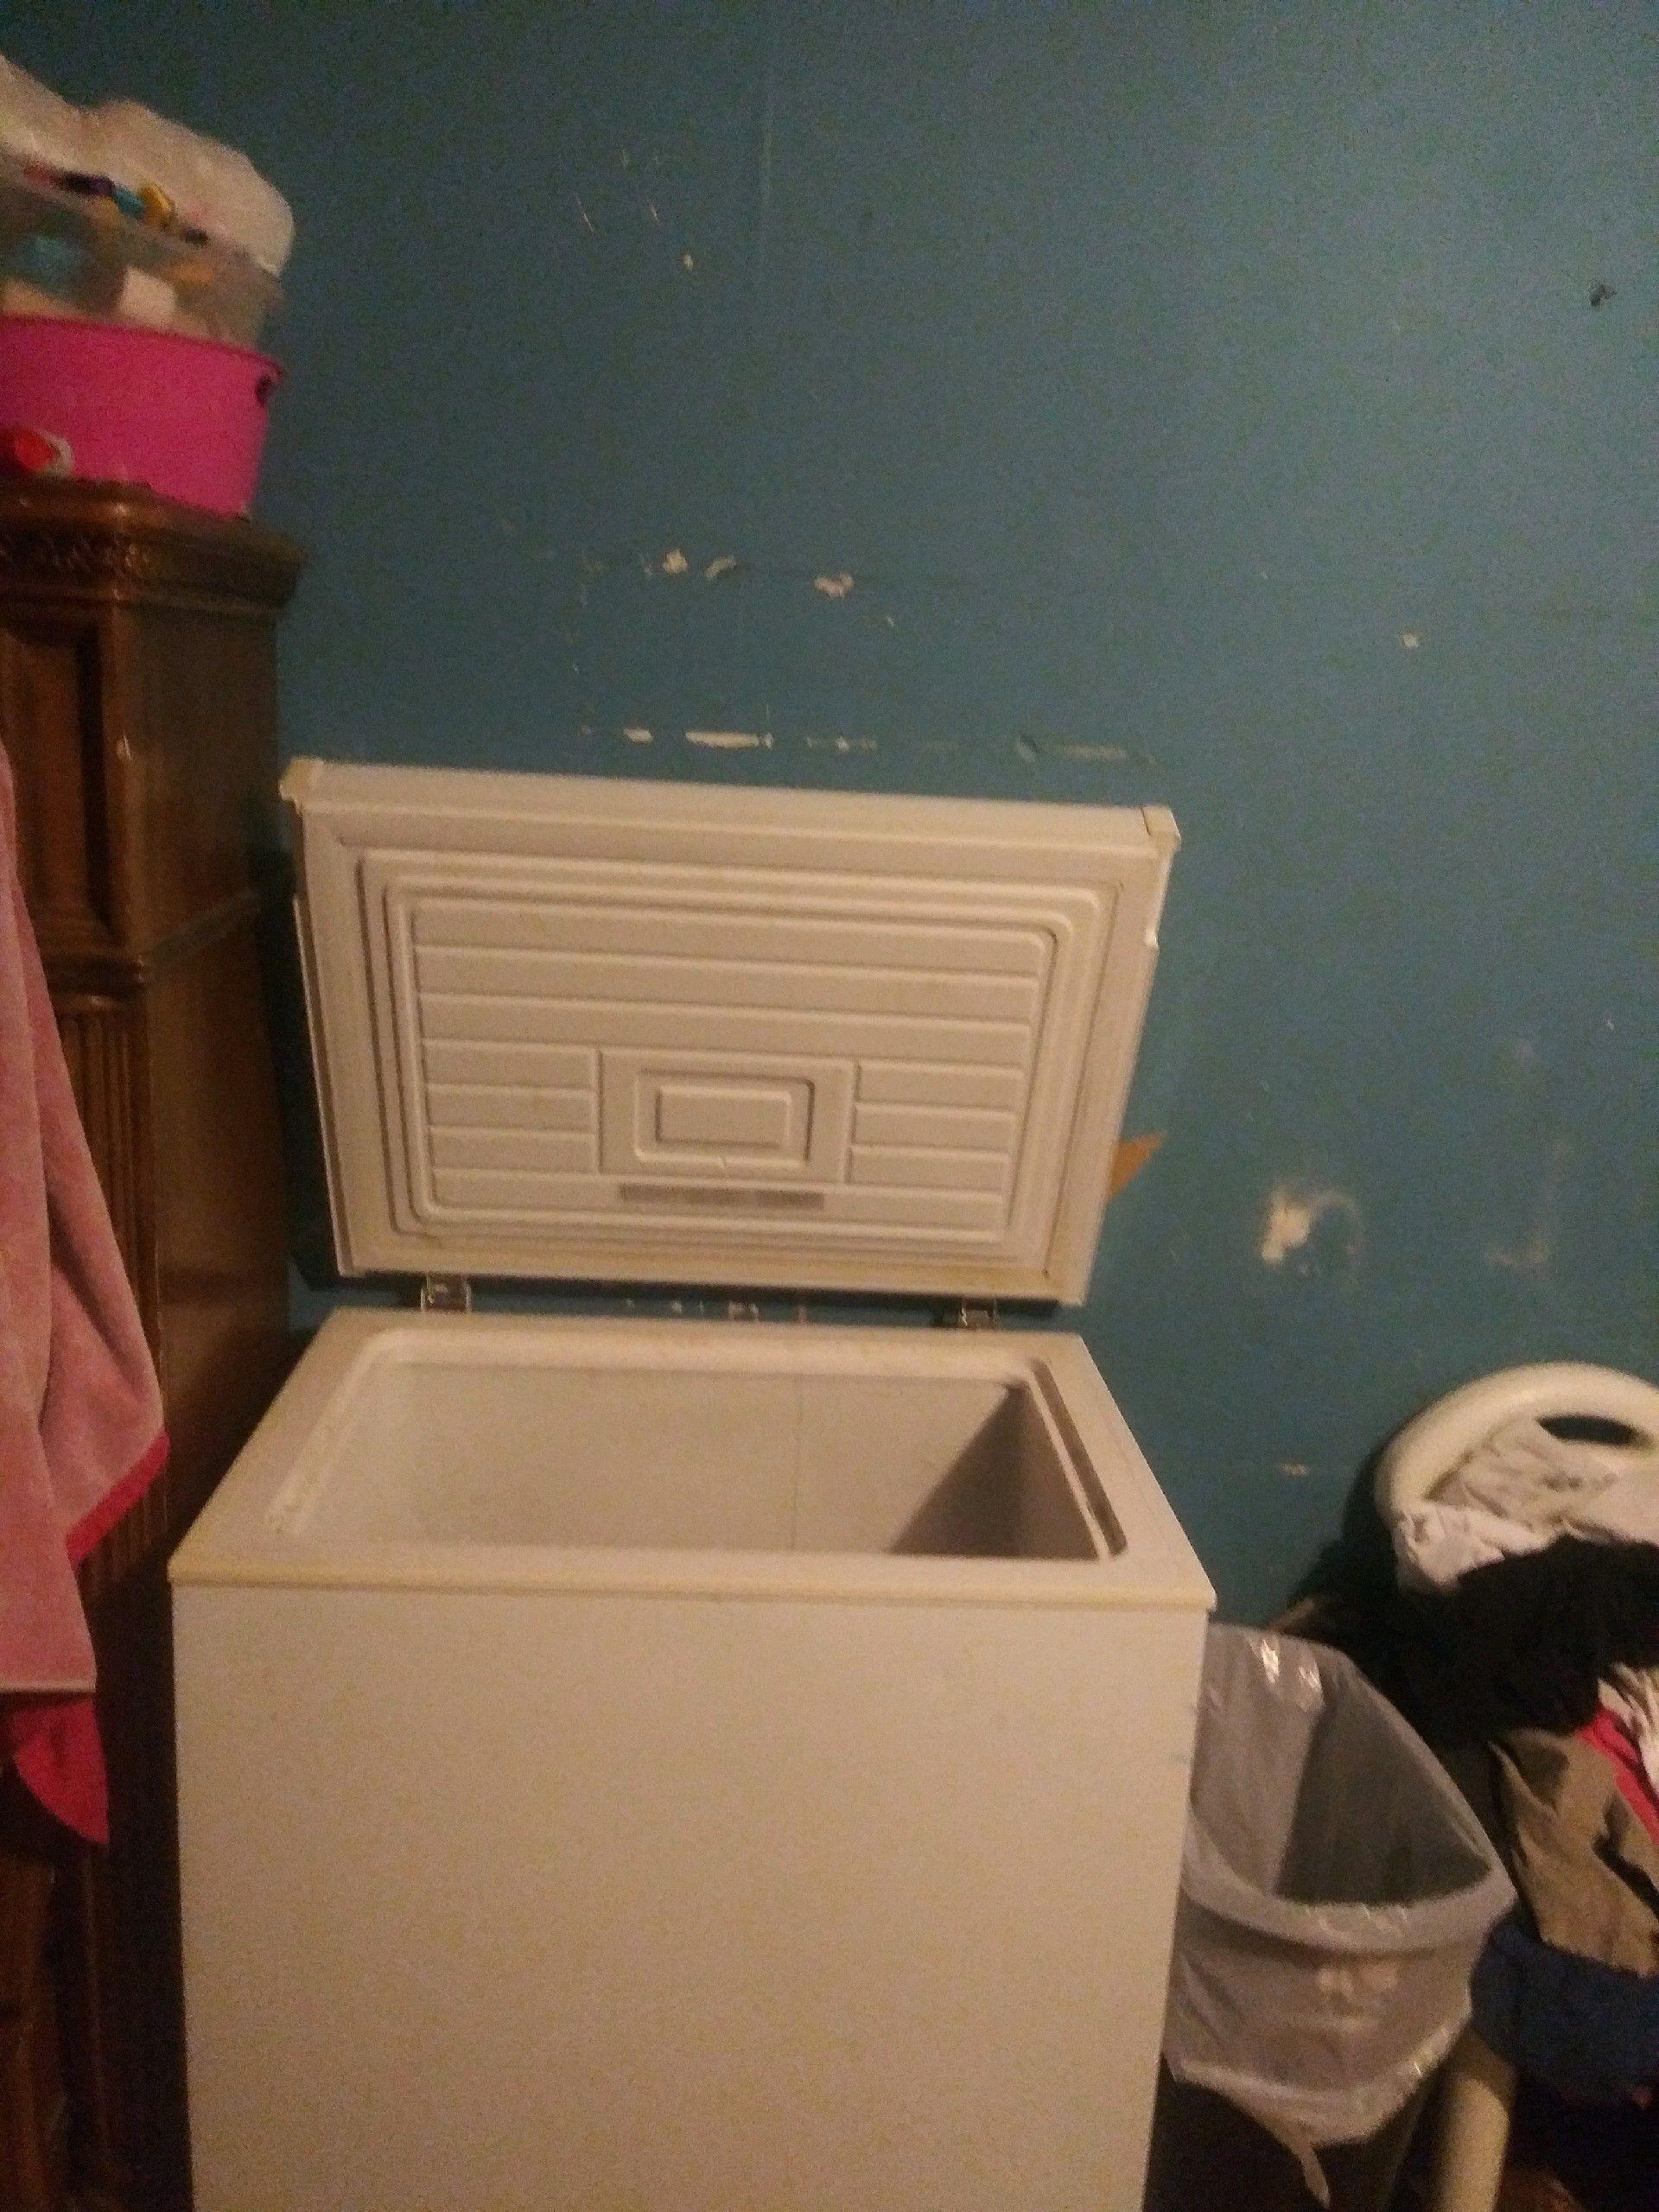 Freezer 125 kitchen sink 50 must pick up in Brownsville ASAP